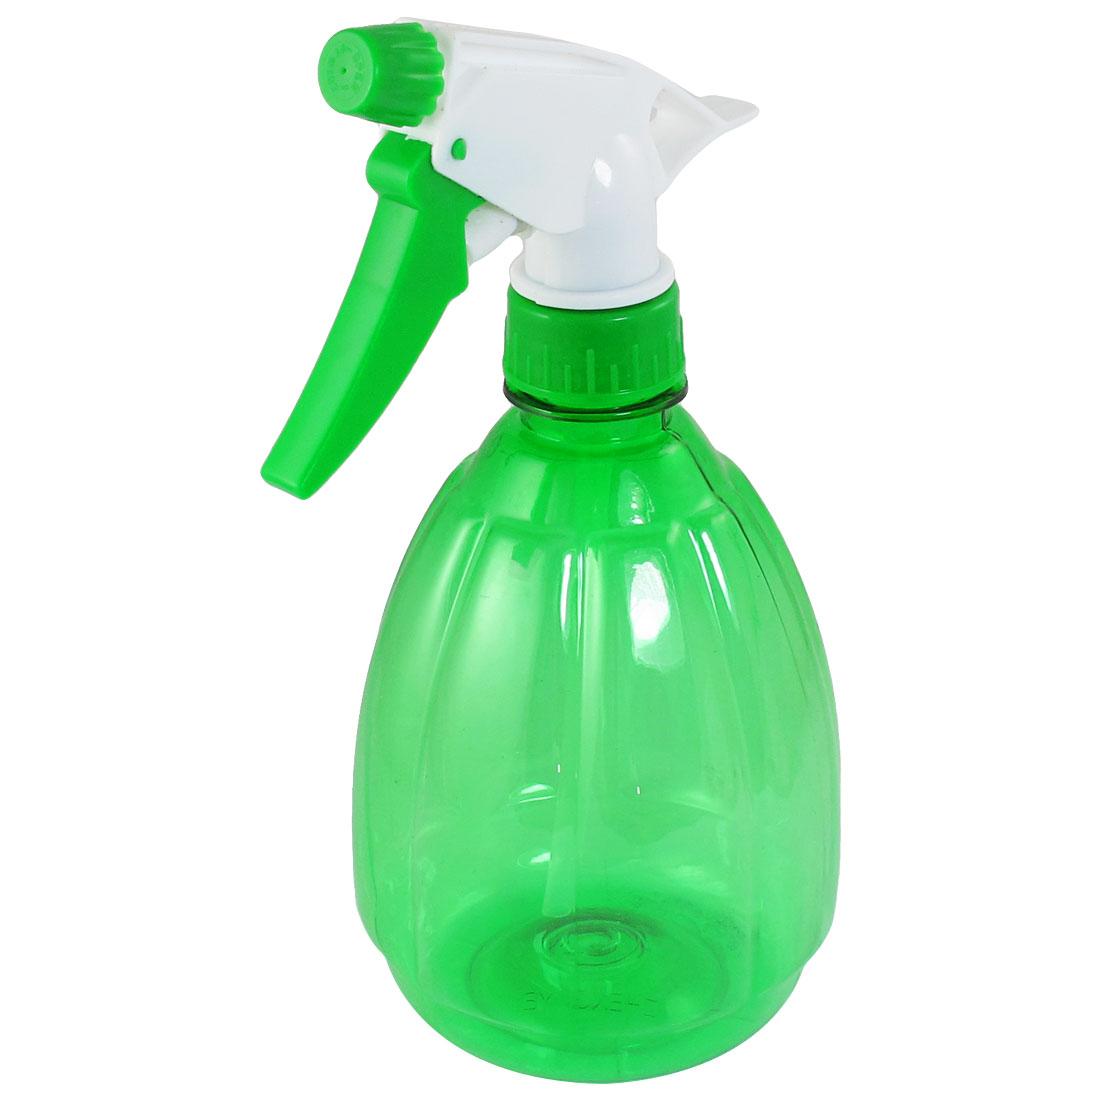 Unique Bargains Unique Bargains 530ml Clear Green Pumpkin Shaped Plastic Sprinkling Bottle Sprayer